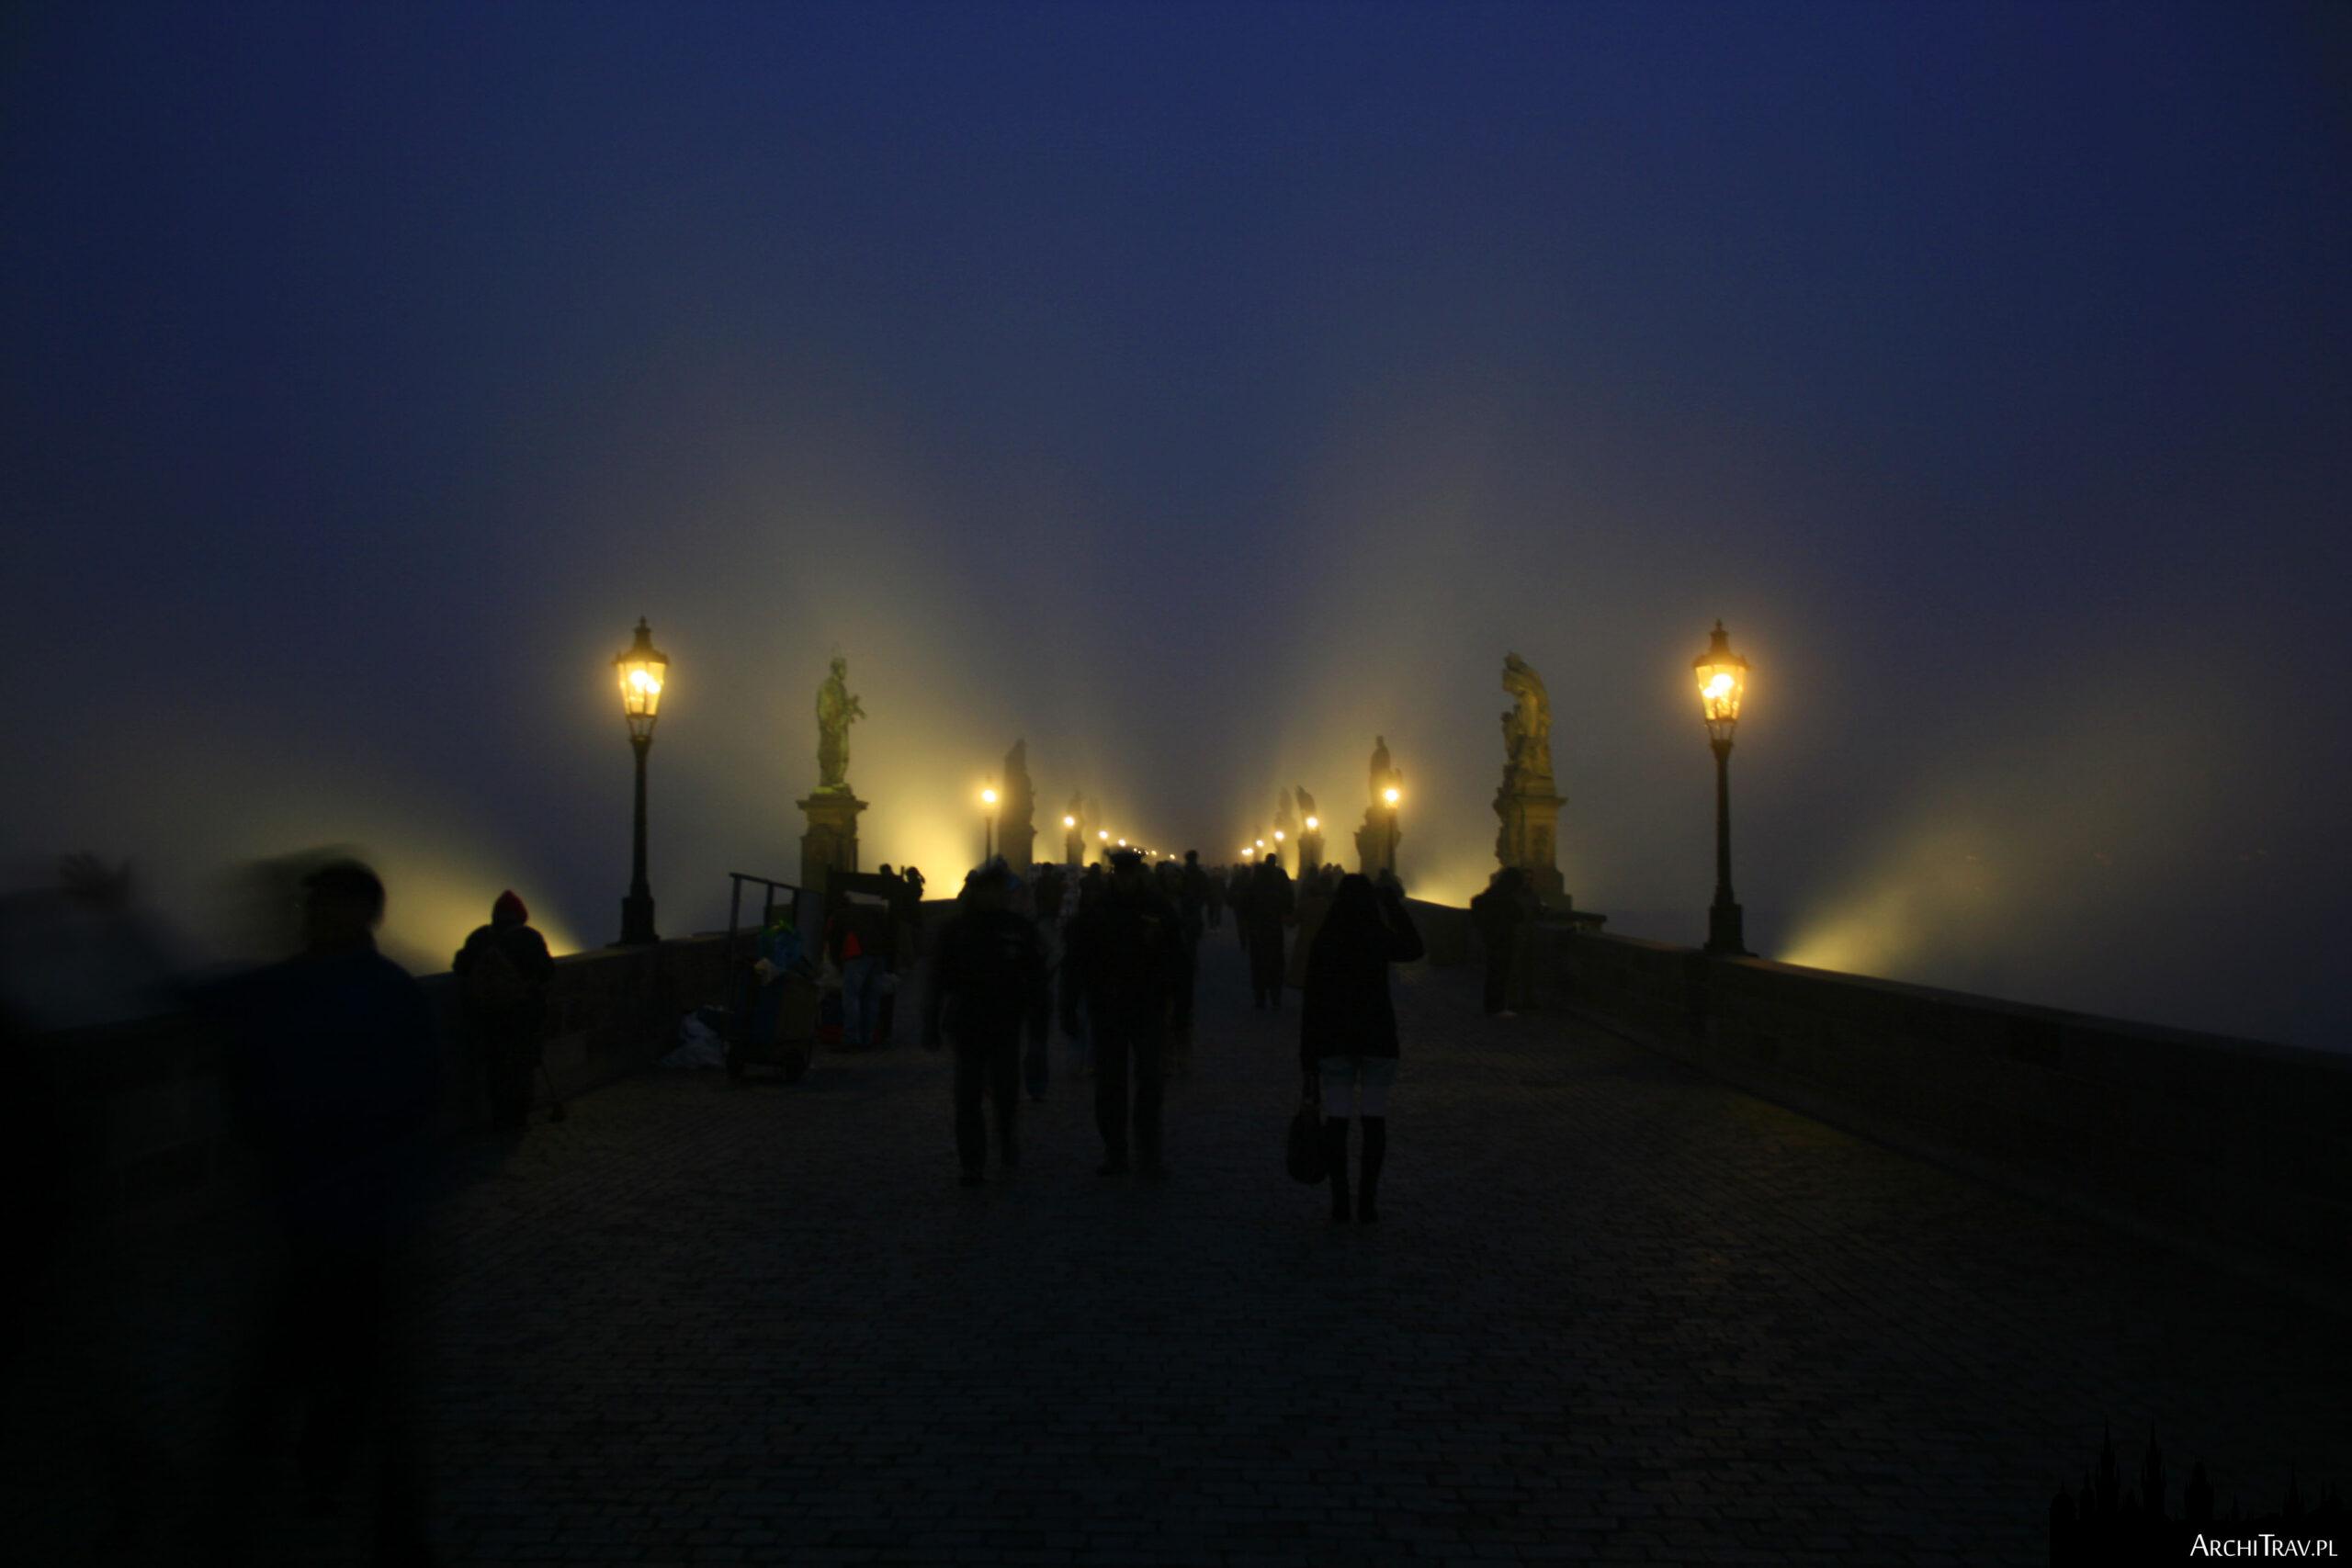 Most Karola podczas mgły, widać jedynie światła, jest ciemno, ma się wrażenie, jakby most lewitował